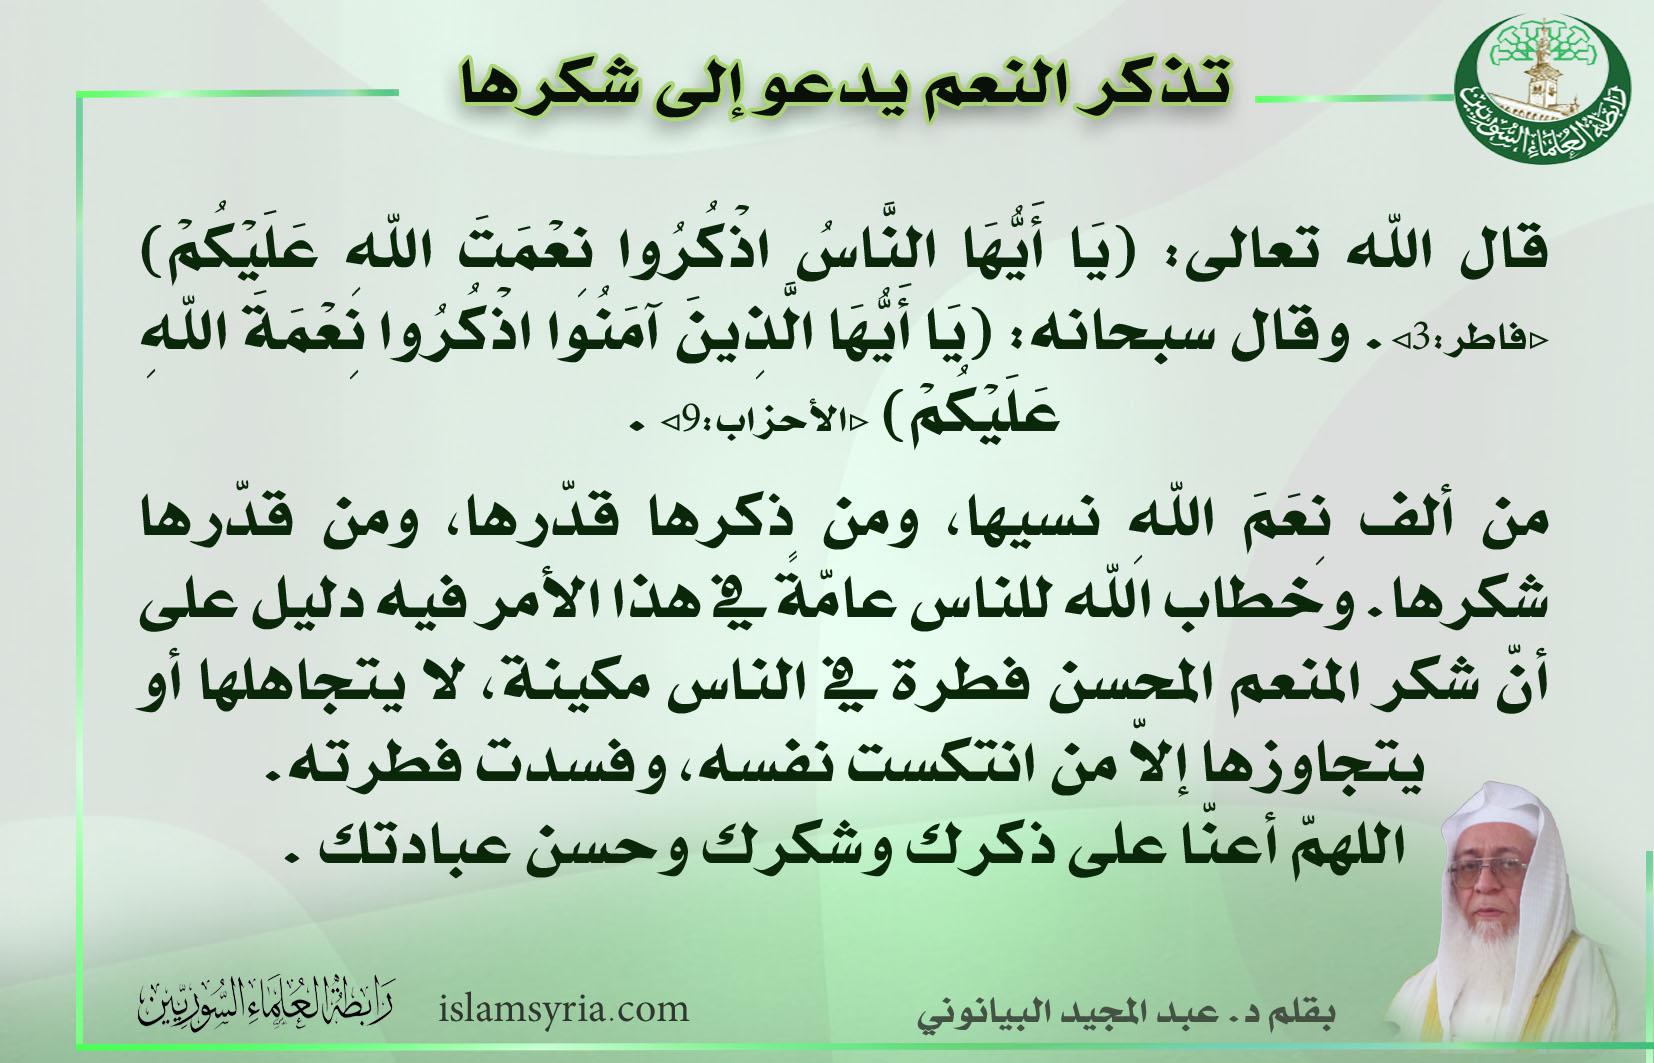 تذكر النعم يدعو إلى شكرها||د. عبد المجيد البيانوني